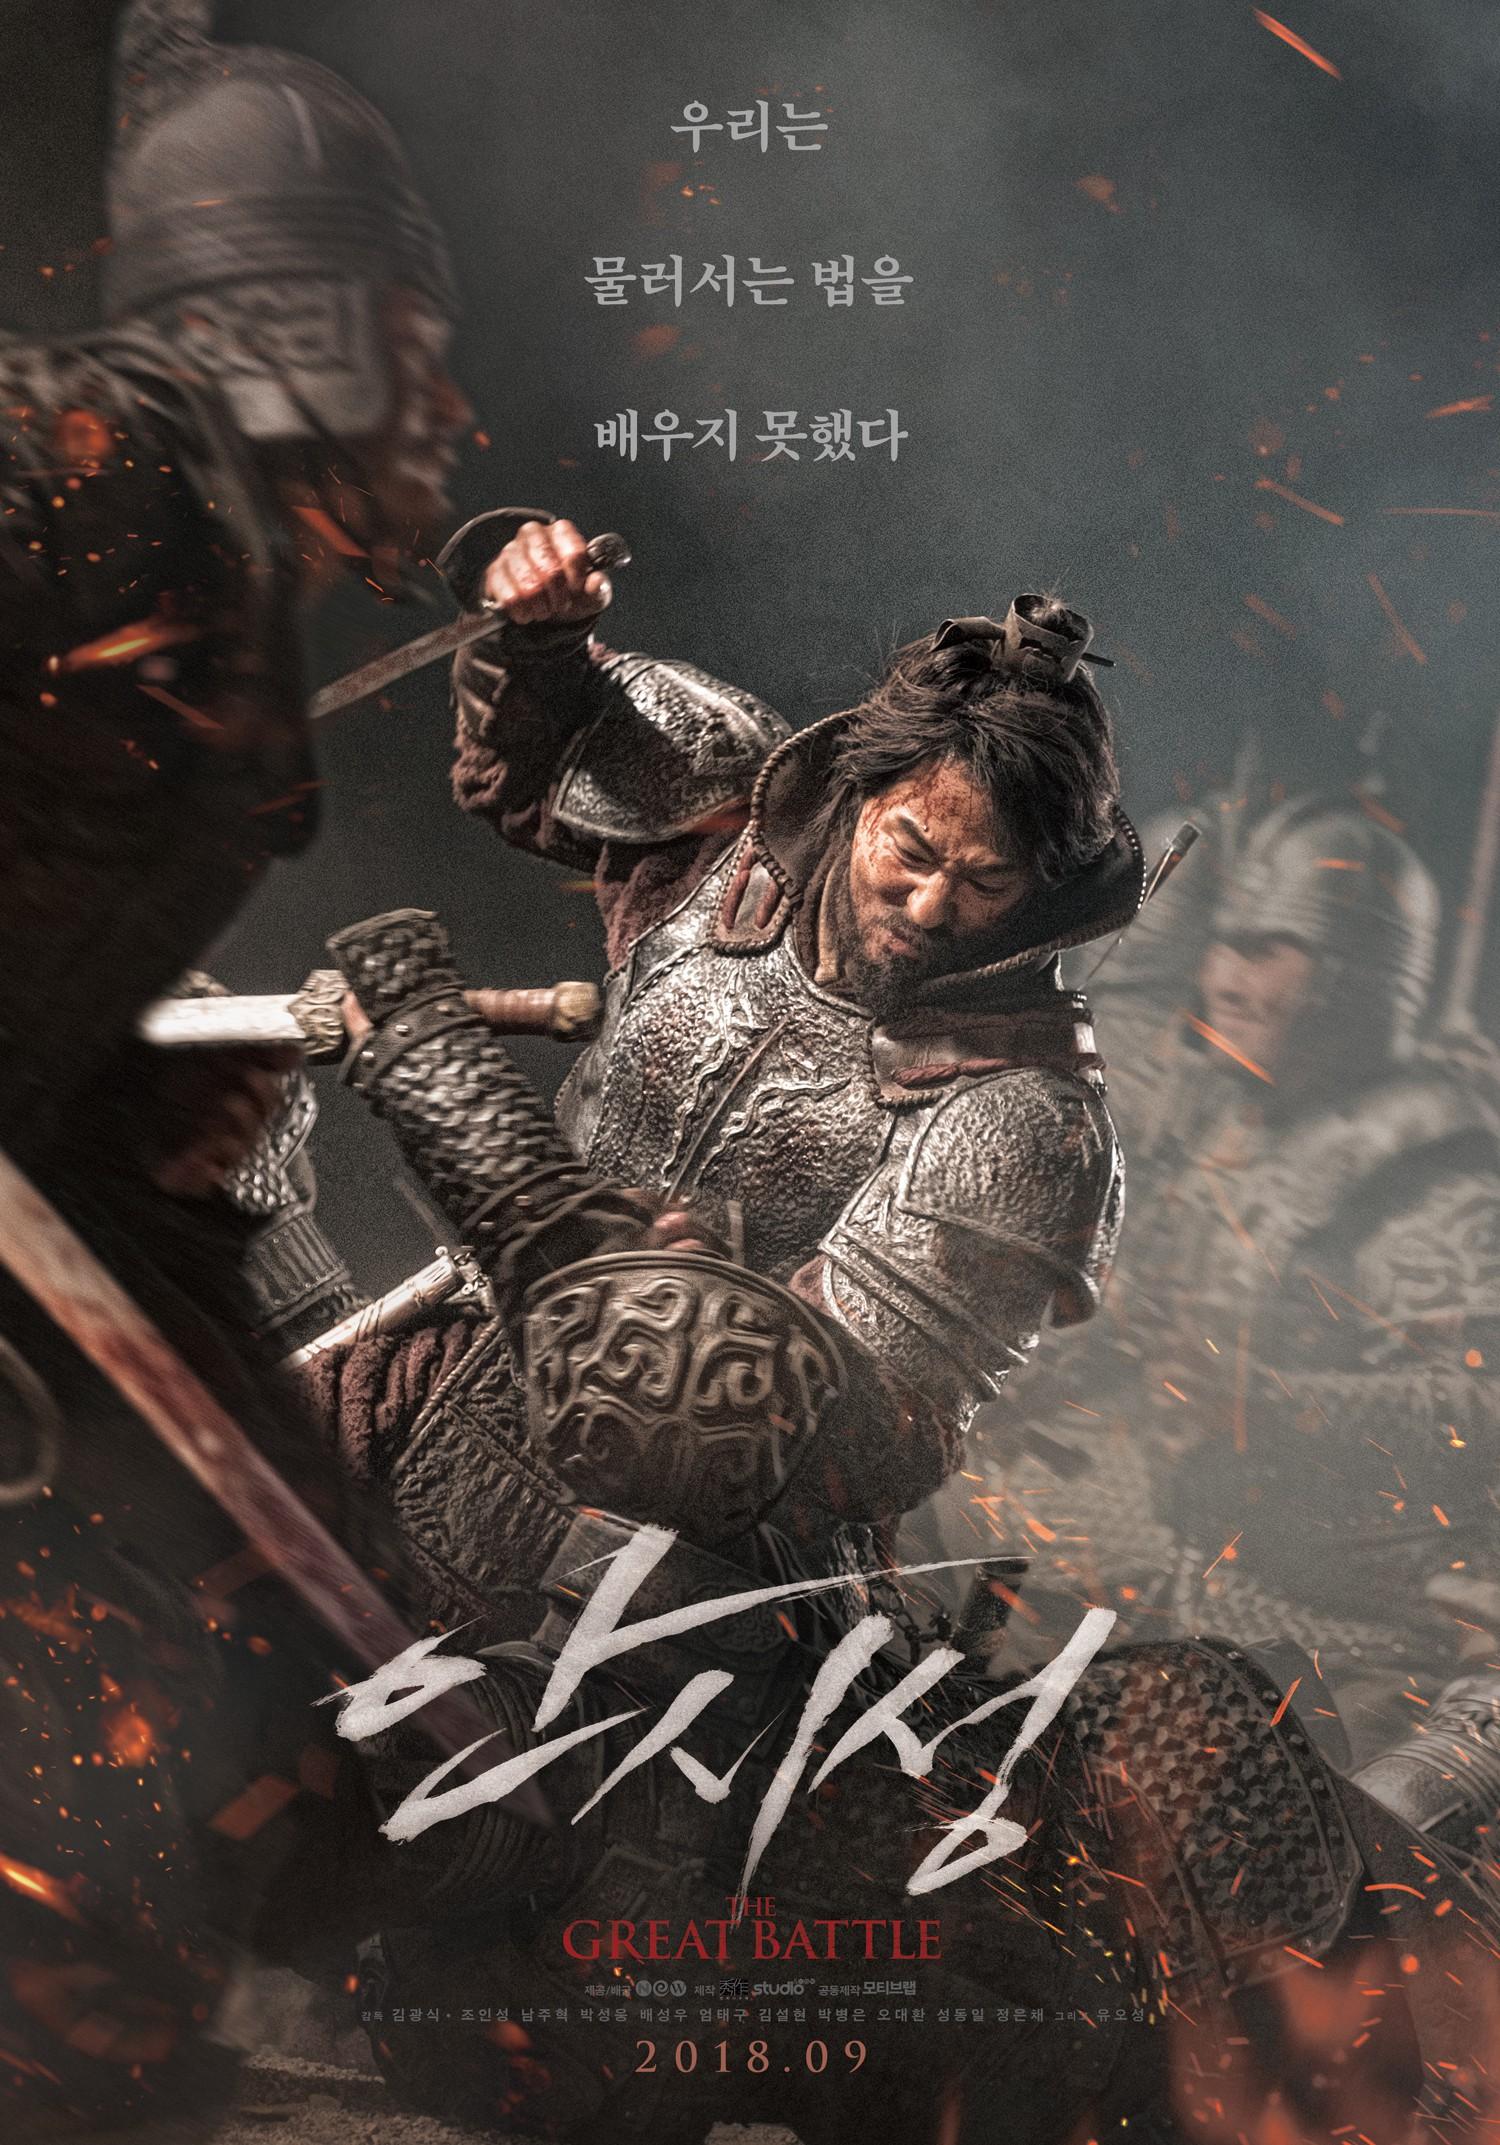 Phim của Son Ye Jin đối đầu bom tấn của Jo In Sung: Kết quả bất ngờ ngay ngày 1 - Ảnh 1.